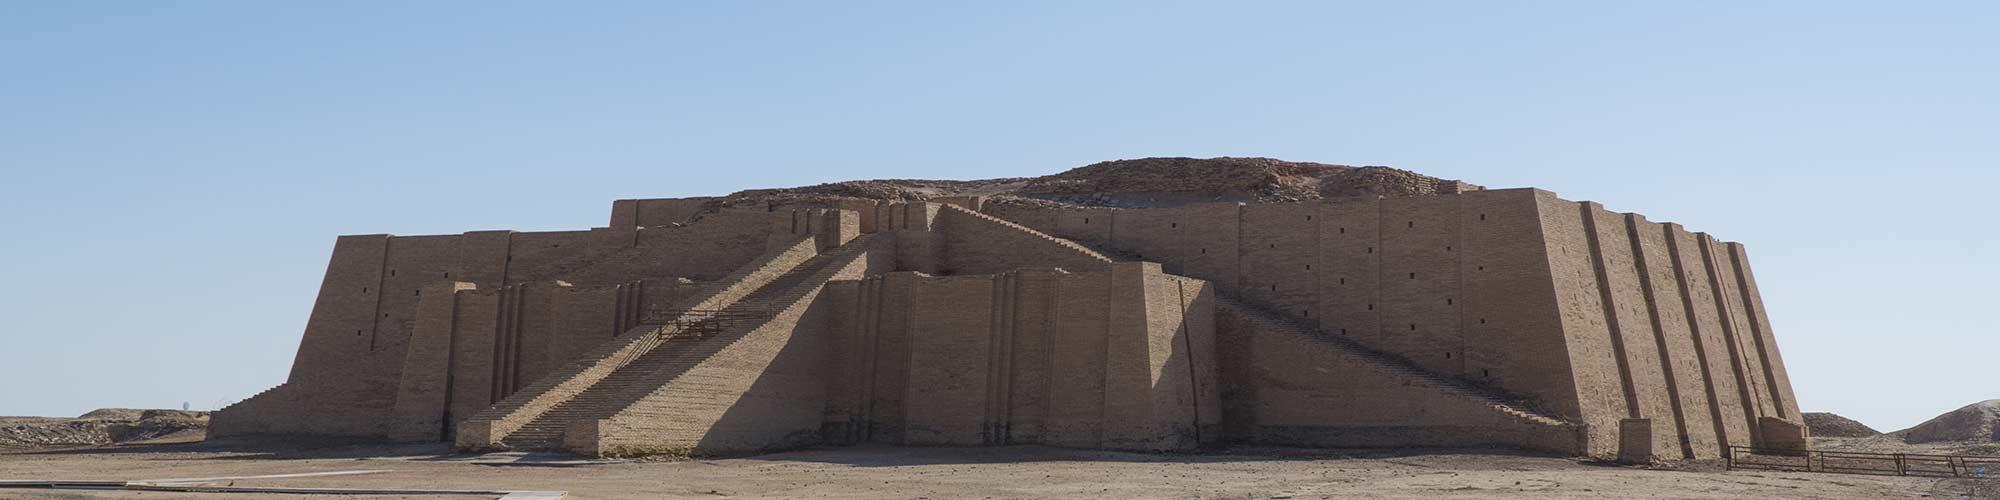 Ziggurat UR - El Pais Viajes